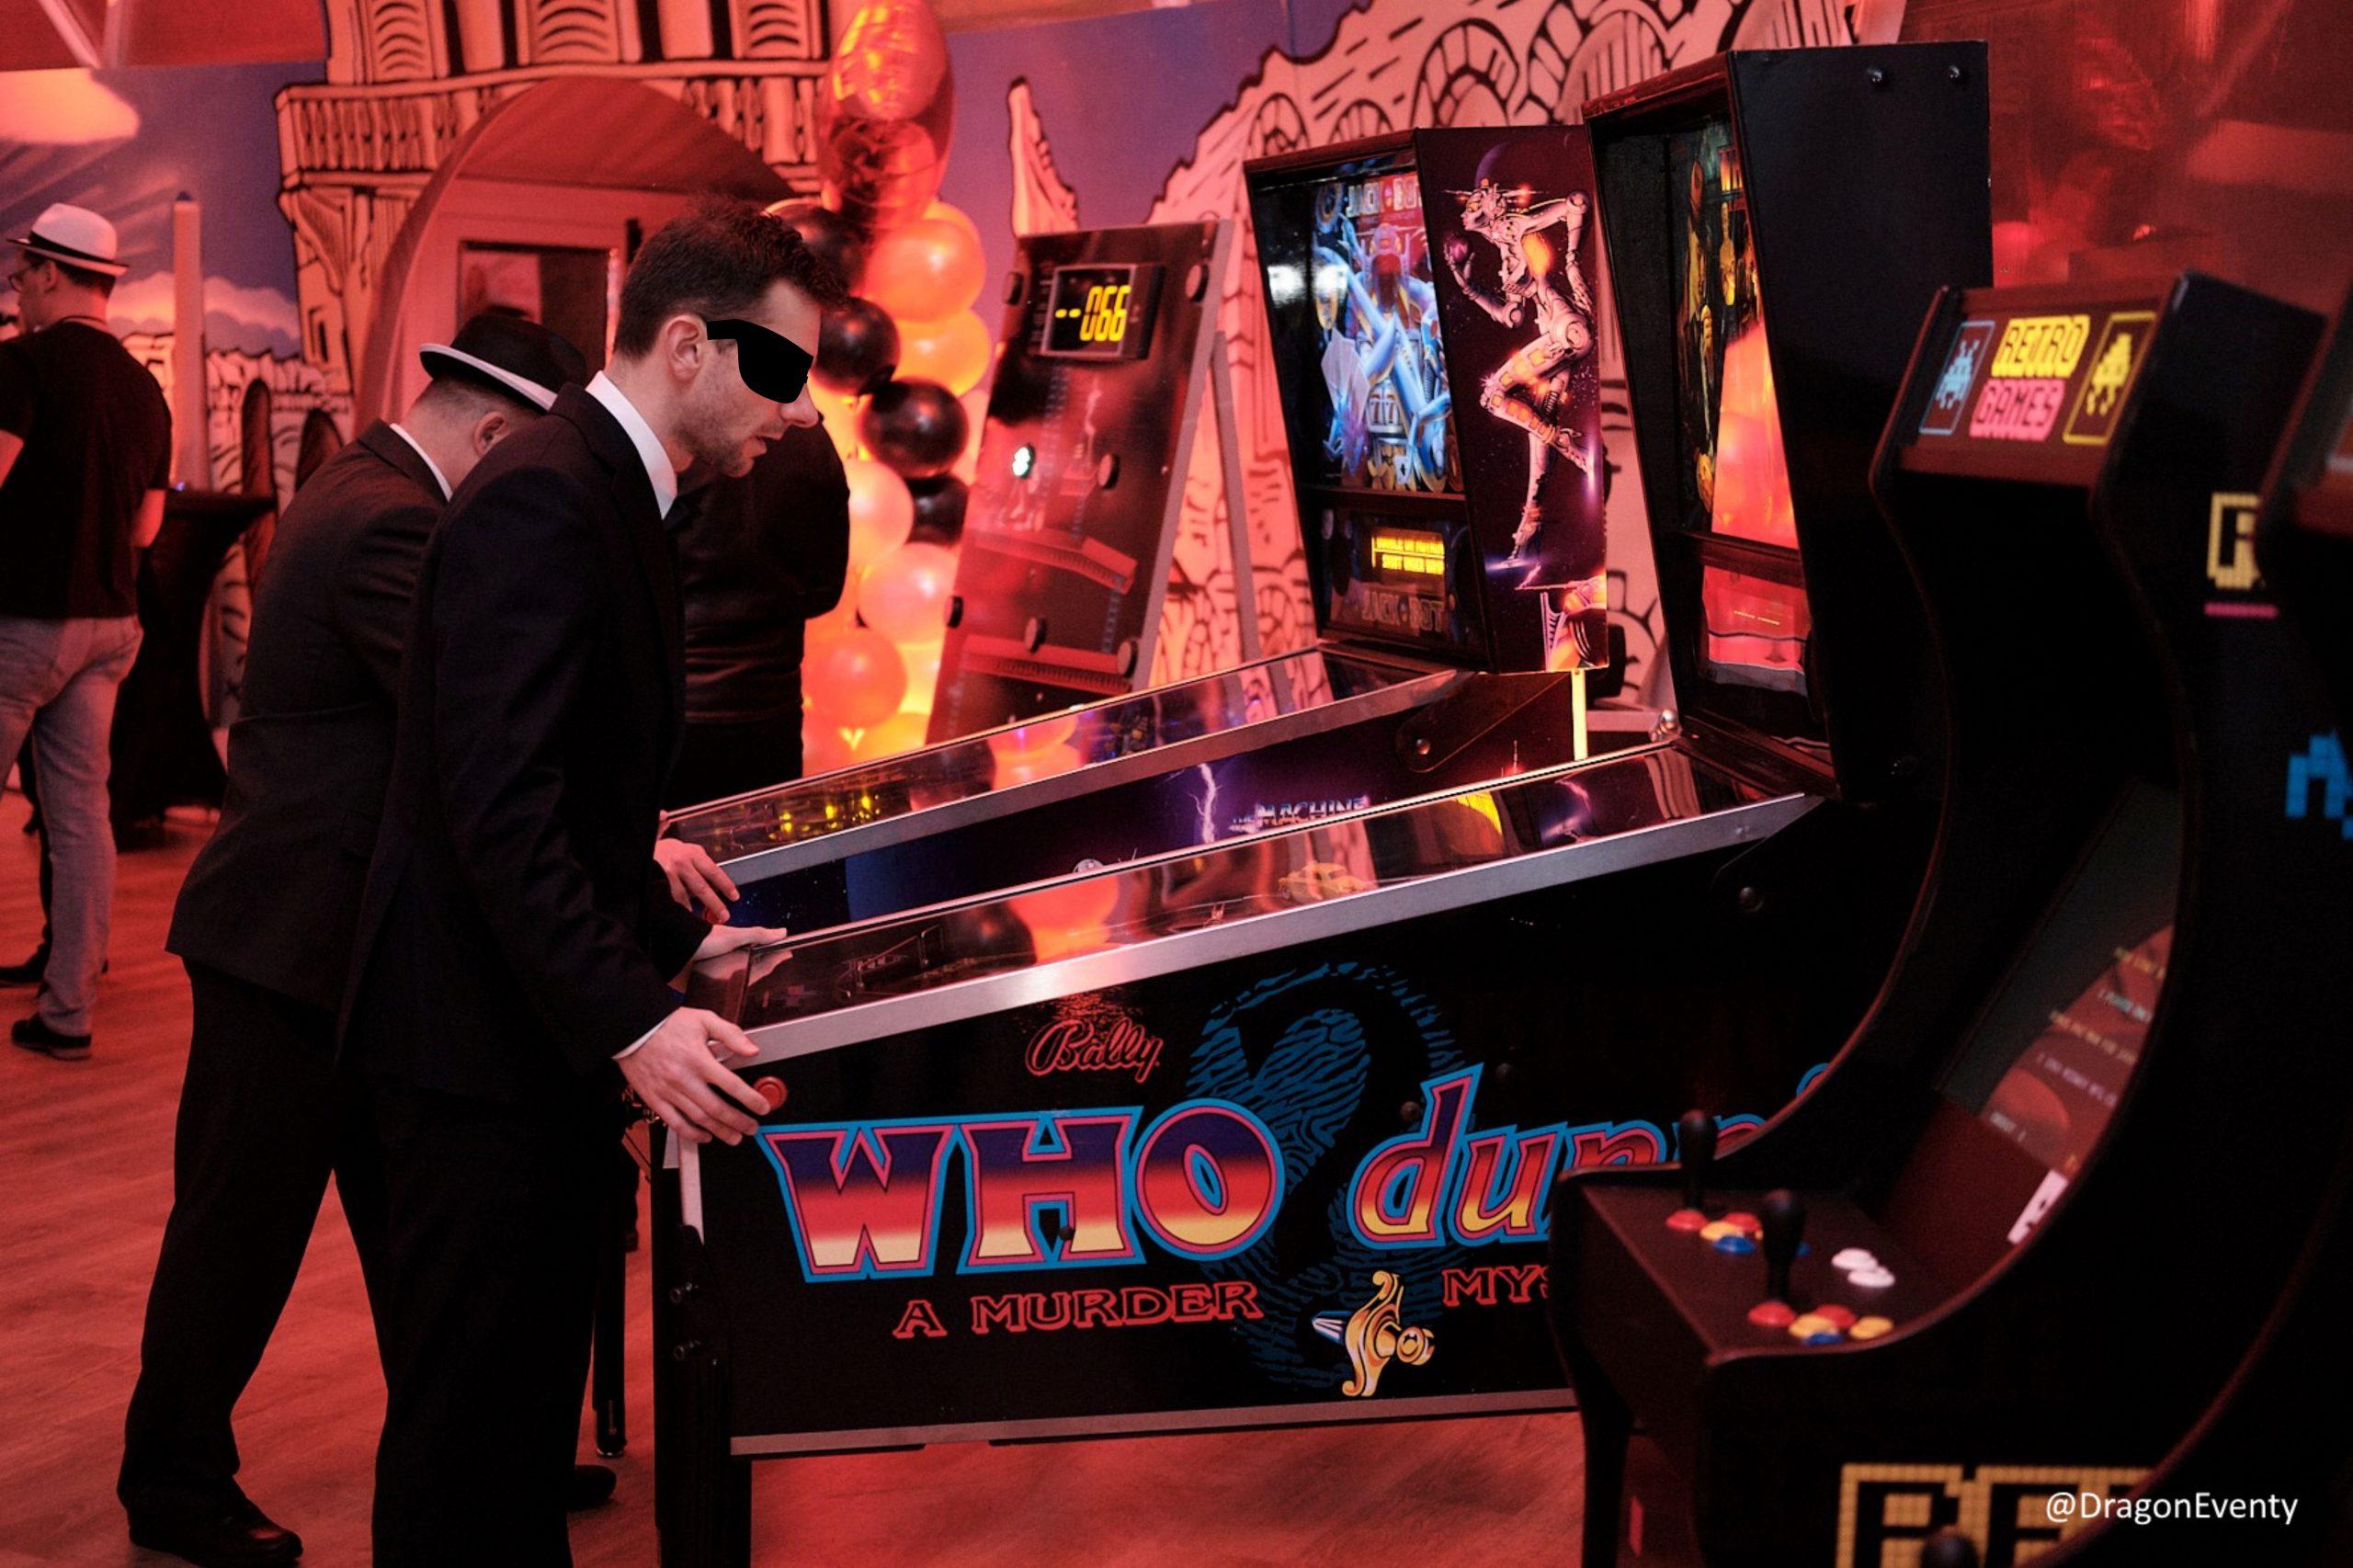 oldschoolowe atrakcje flippery i automaty arcade wynajem na imprezy i eventy w stylu retro